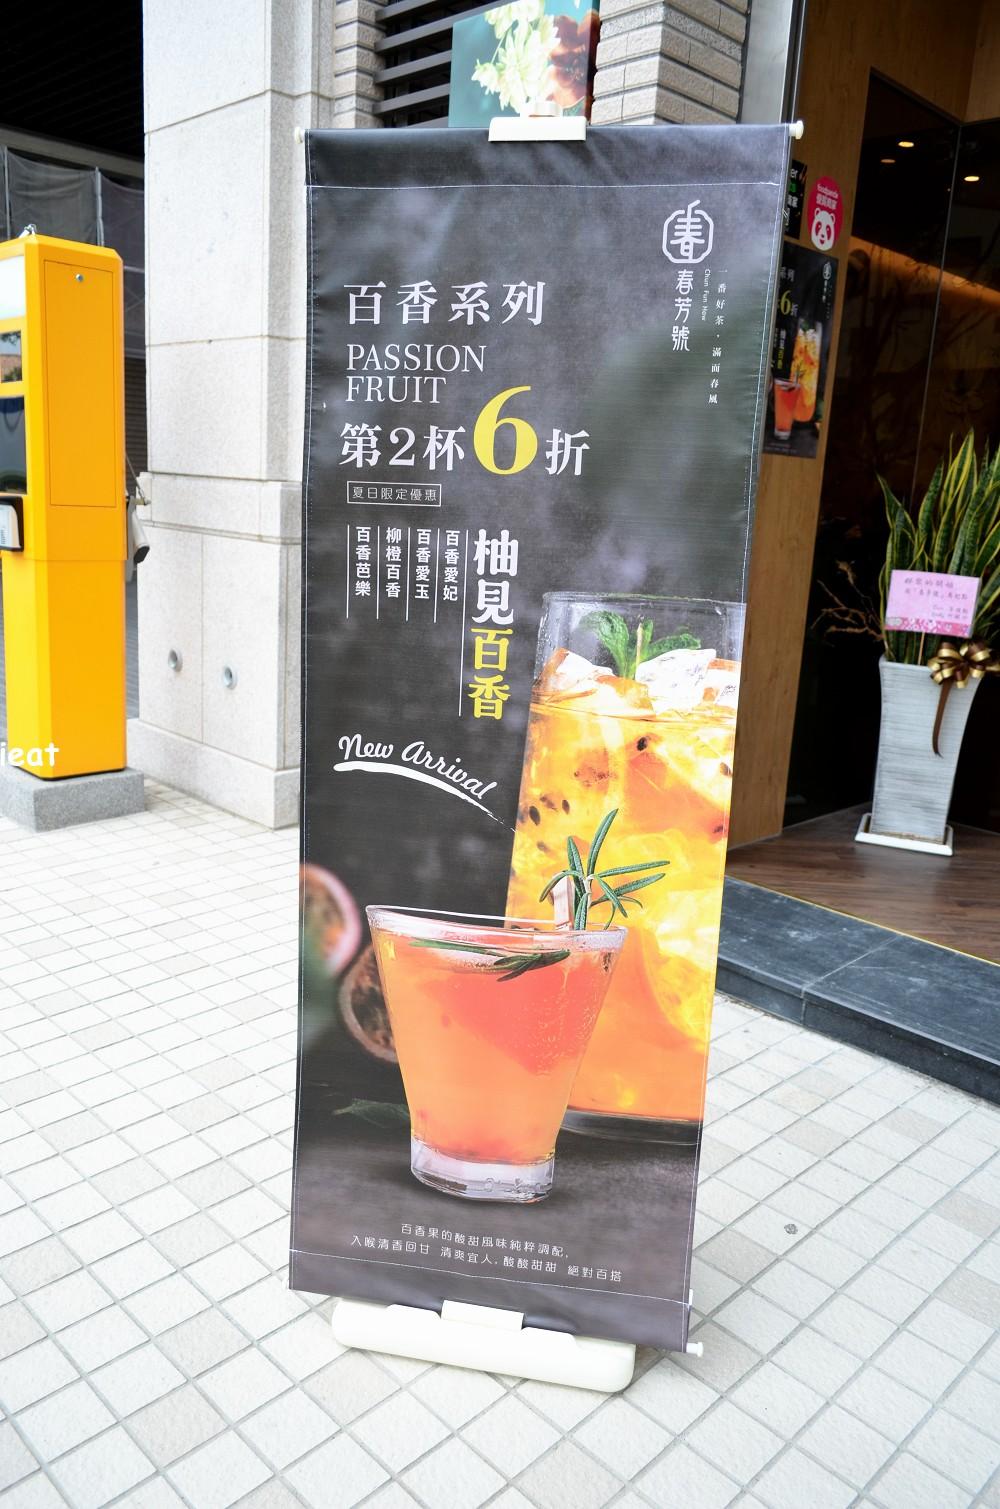 春芳號 嶺東店 台中飲料 嶺東附近飲料 嶺東附近美食